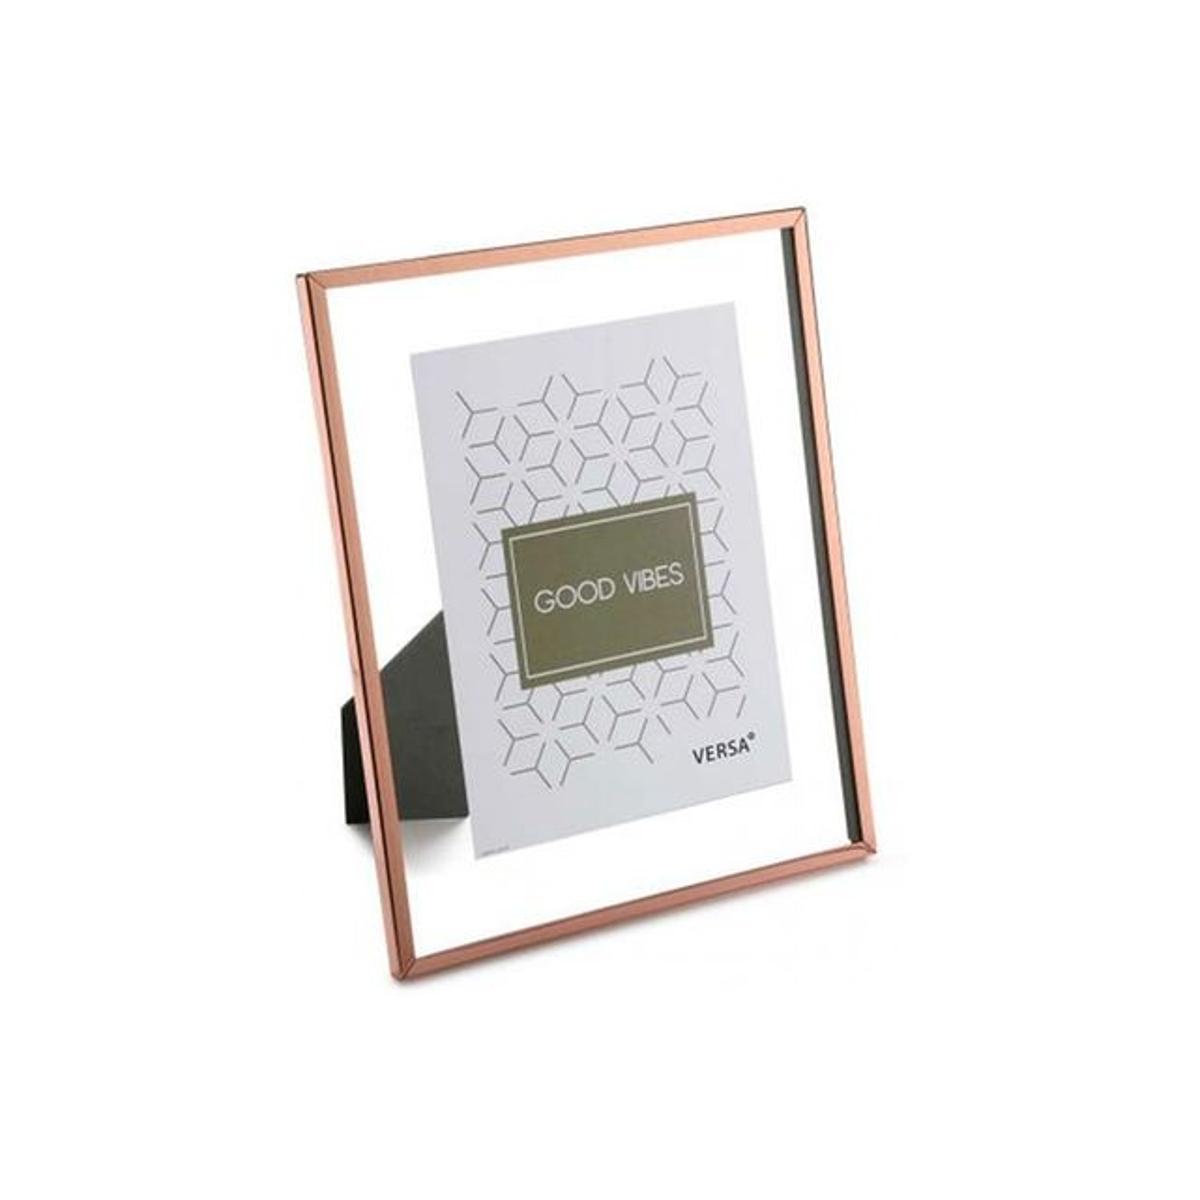 Cadre photo cuivre GLASS 20,5 x 25,7 cm